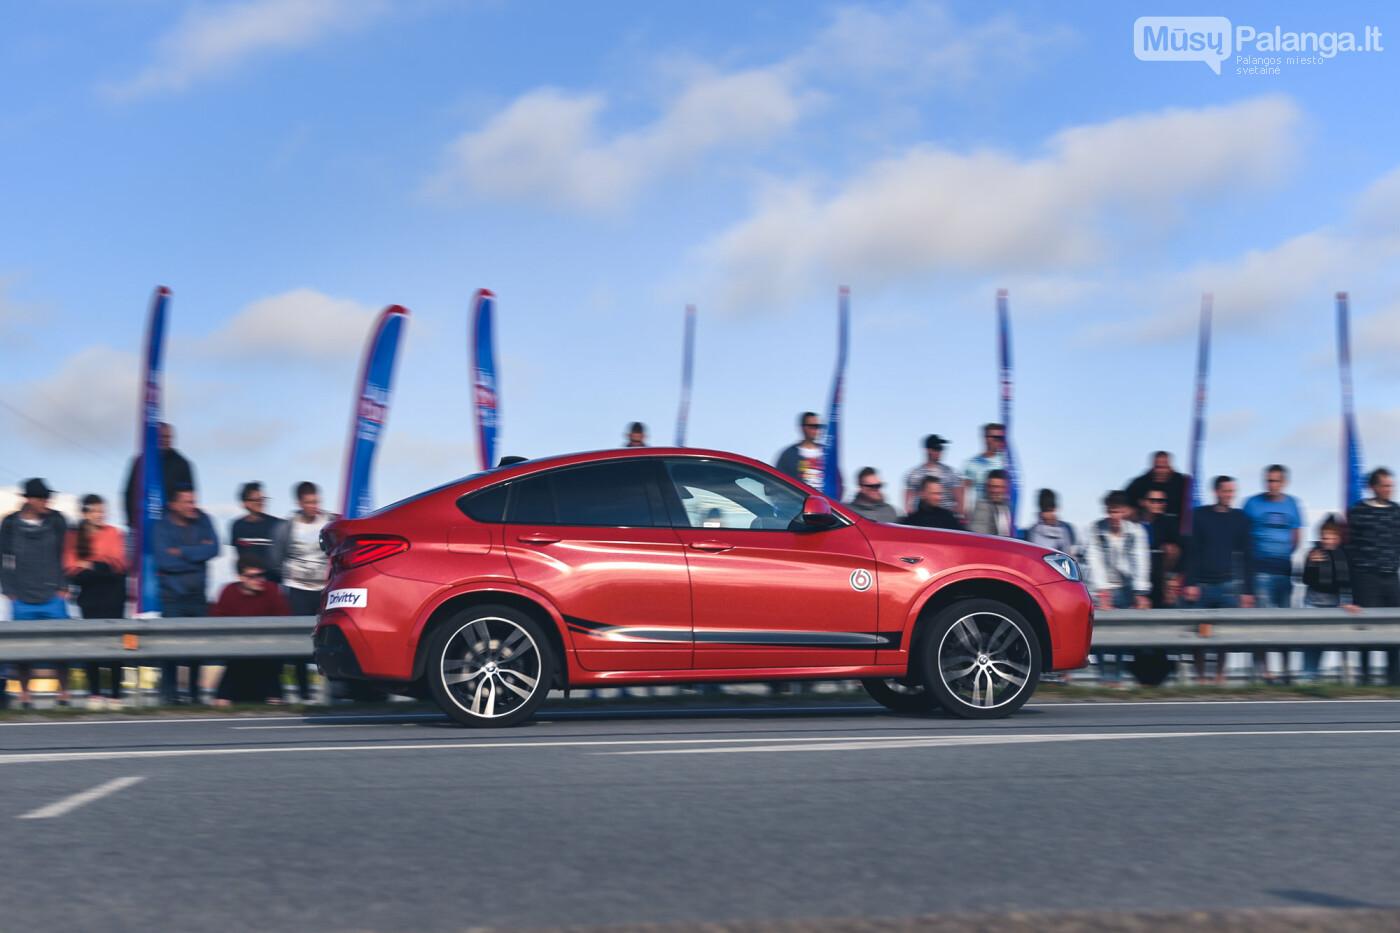 """Traukos lenktynėse Palangoje greičiausi – """"Nissan GT-R"""" automobiliai, nuotrauka-19"""